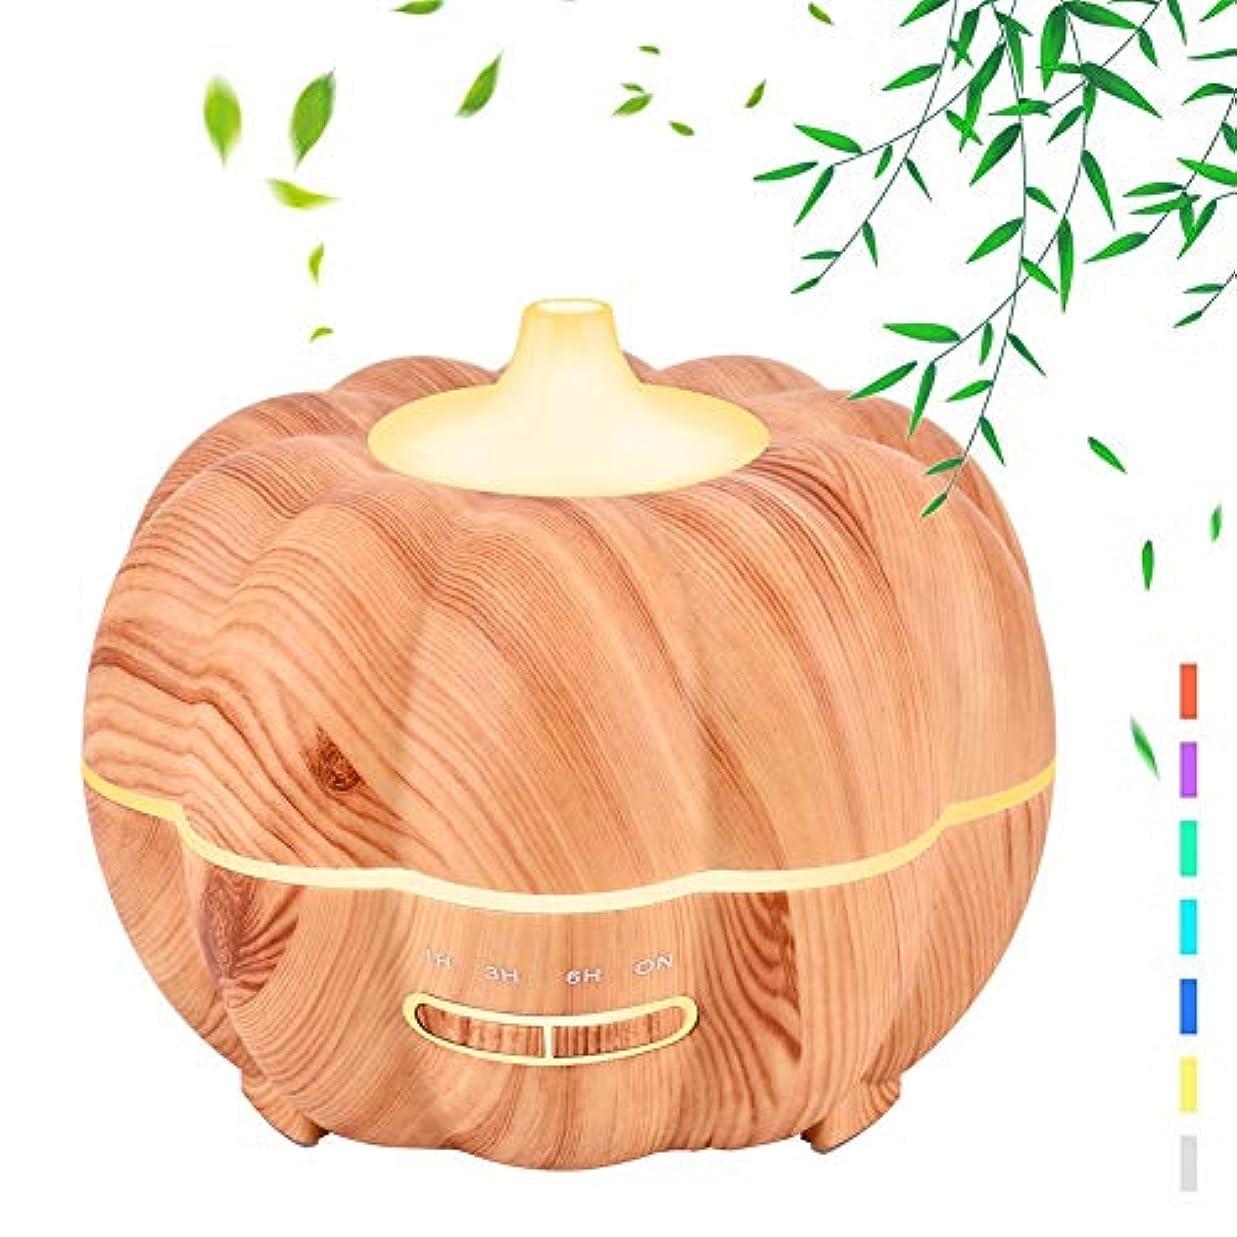 オーナー座る下300ミリリットル木材穀物エッセンシャルオイルディフューザー、加湿器超音波アロマセラピーアロマセラピーディフューザー加湿器、静かな操作、7色フレグランスランプ、ホームオフィス用ヨガスパ,Lightwoodgrain